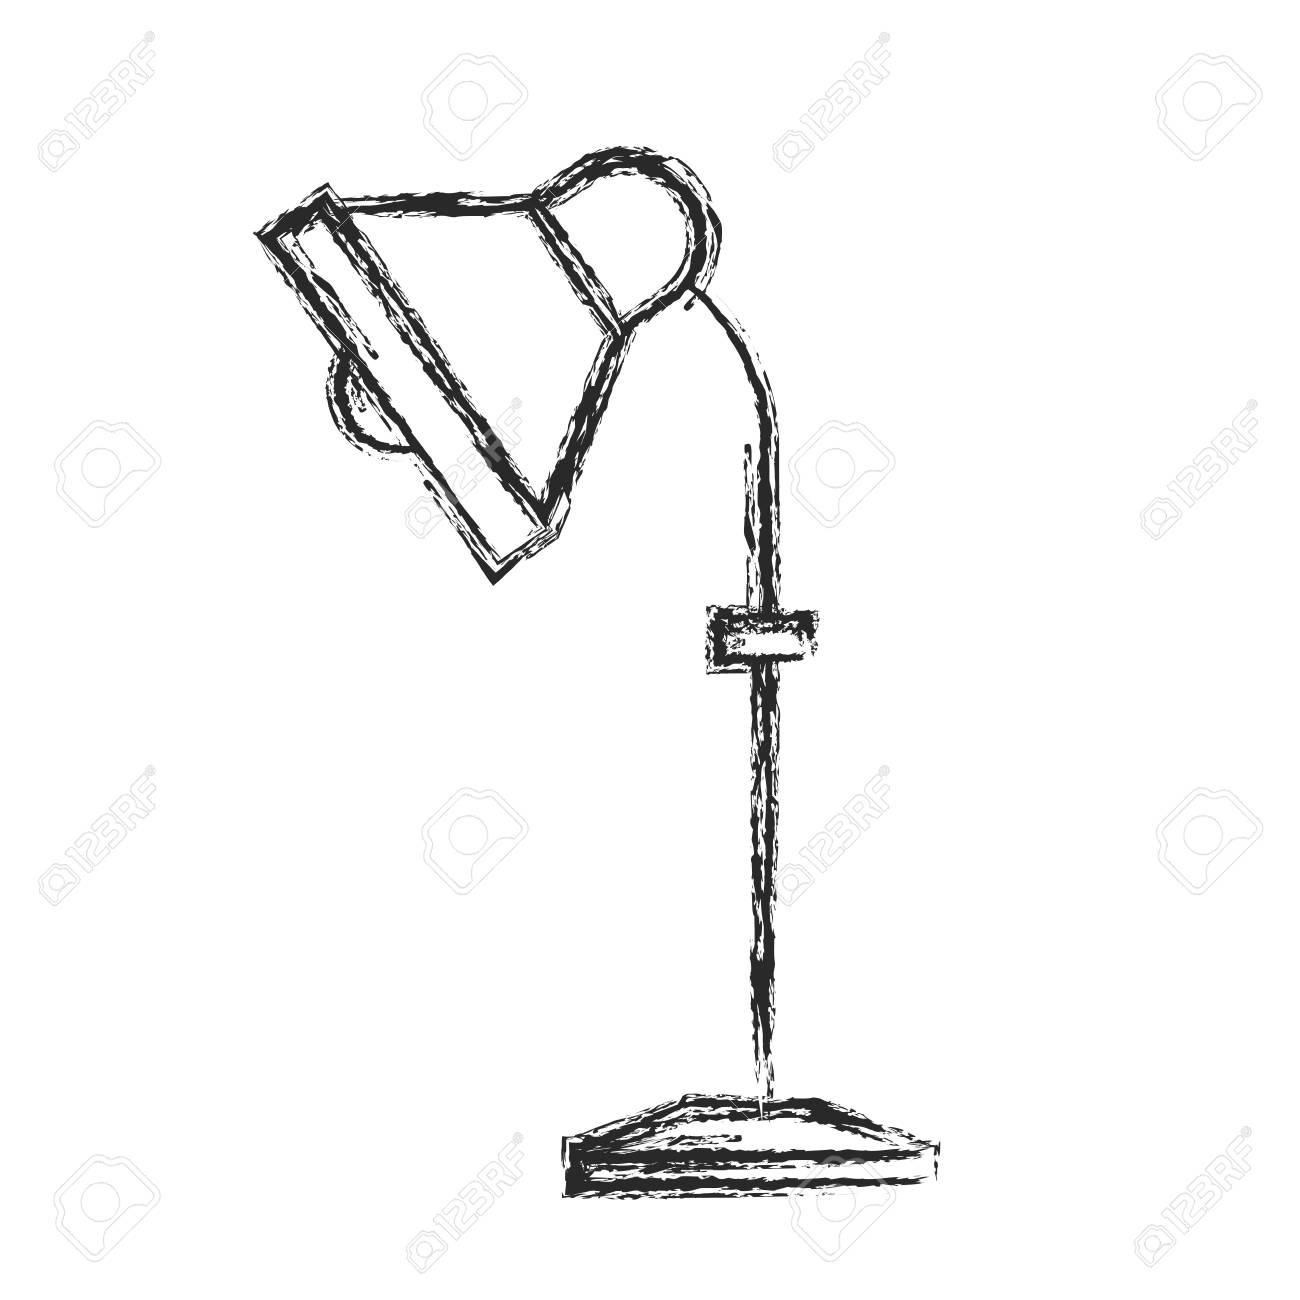 de equipo ilustración de Lámpara escritorio dibujo vectorial electricidad sdCBhQrotx